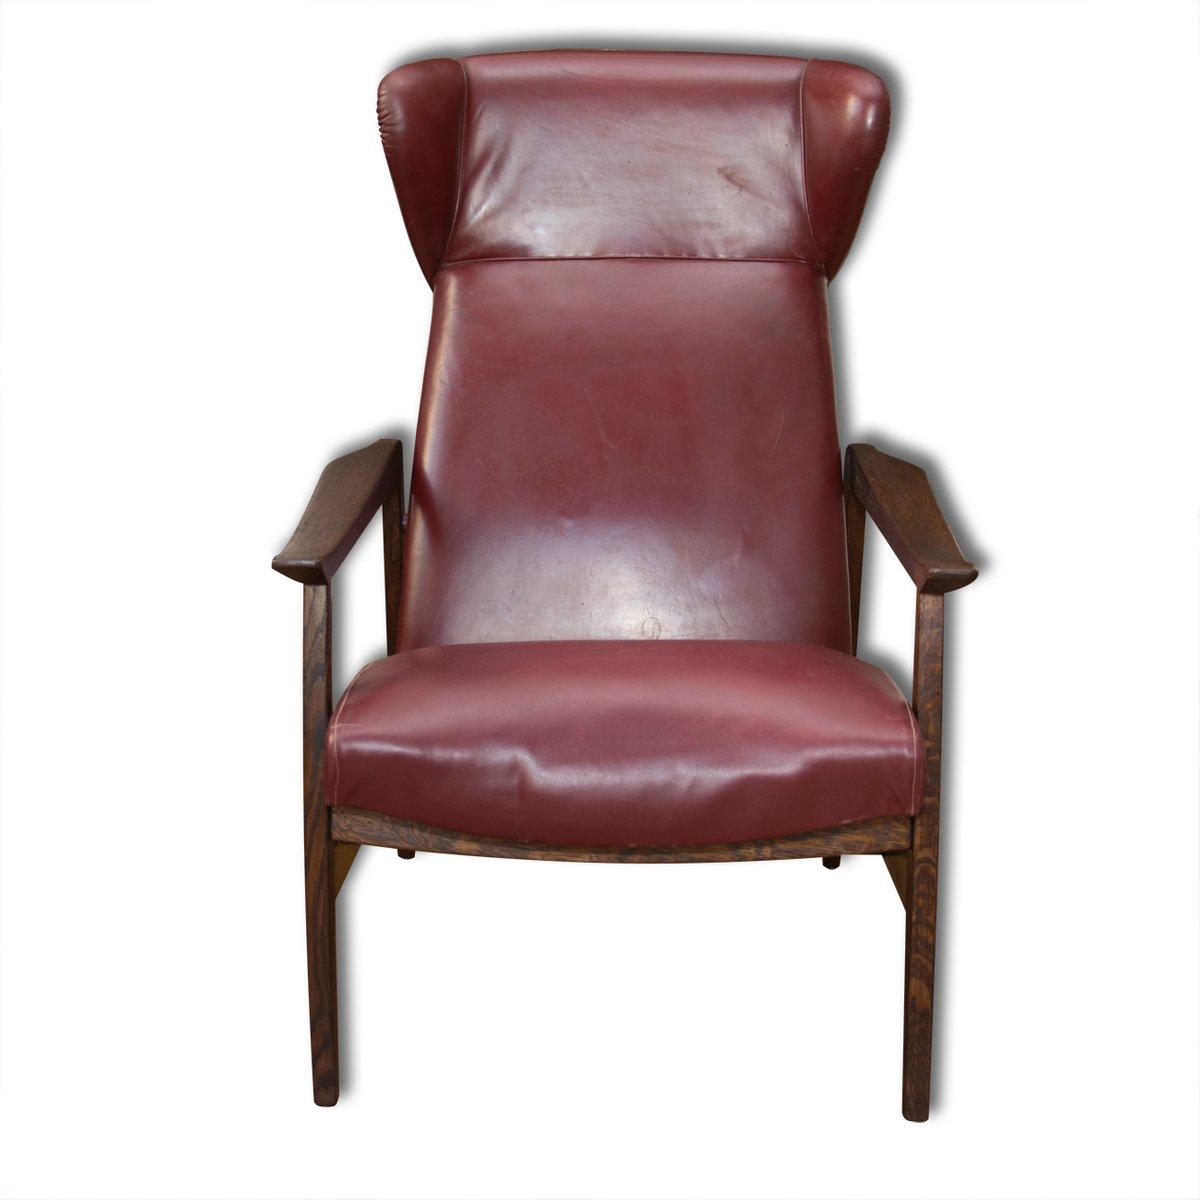 verstellbarer europ ischer leder ohrensessel 1940er bei. Black Bedroom Furniture Sets. Home Design Ideas